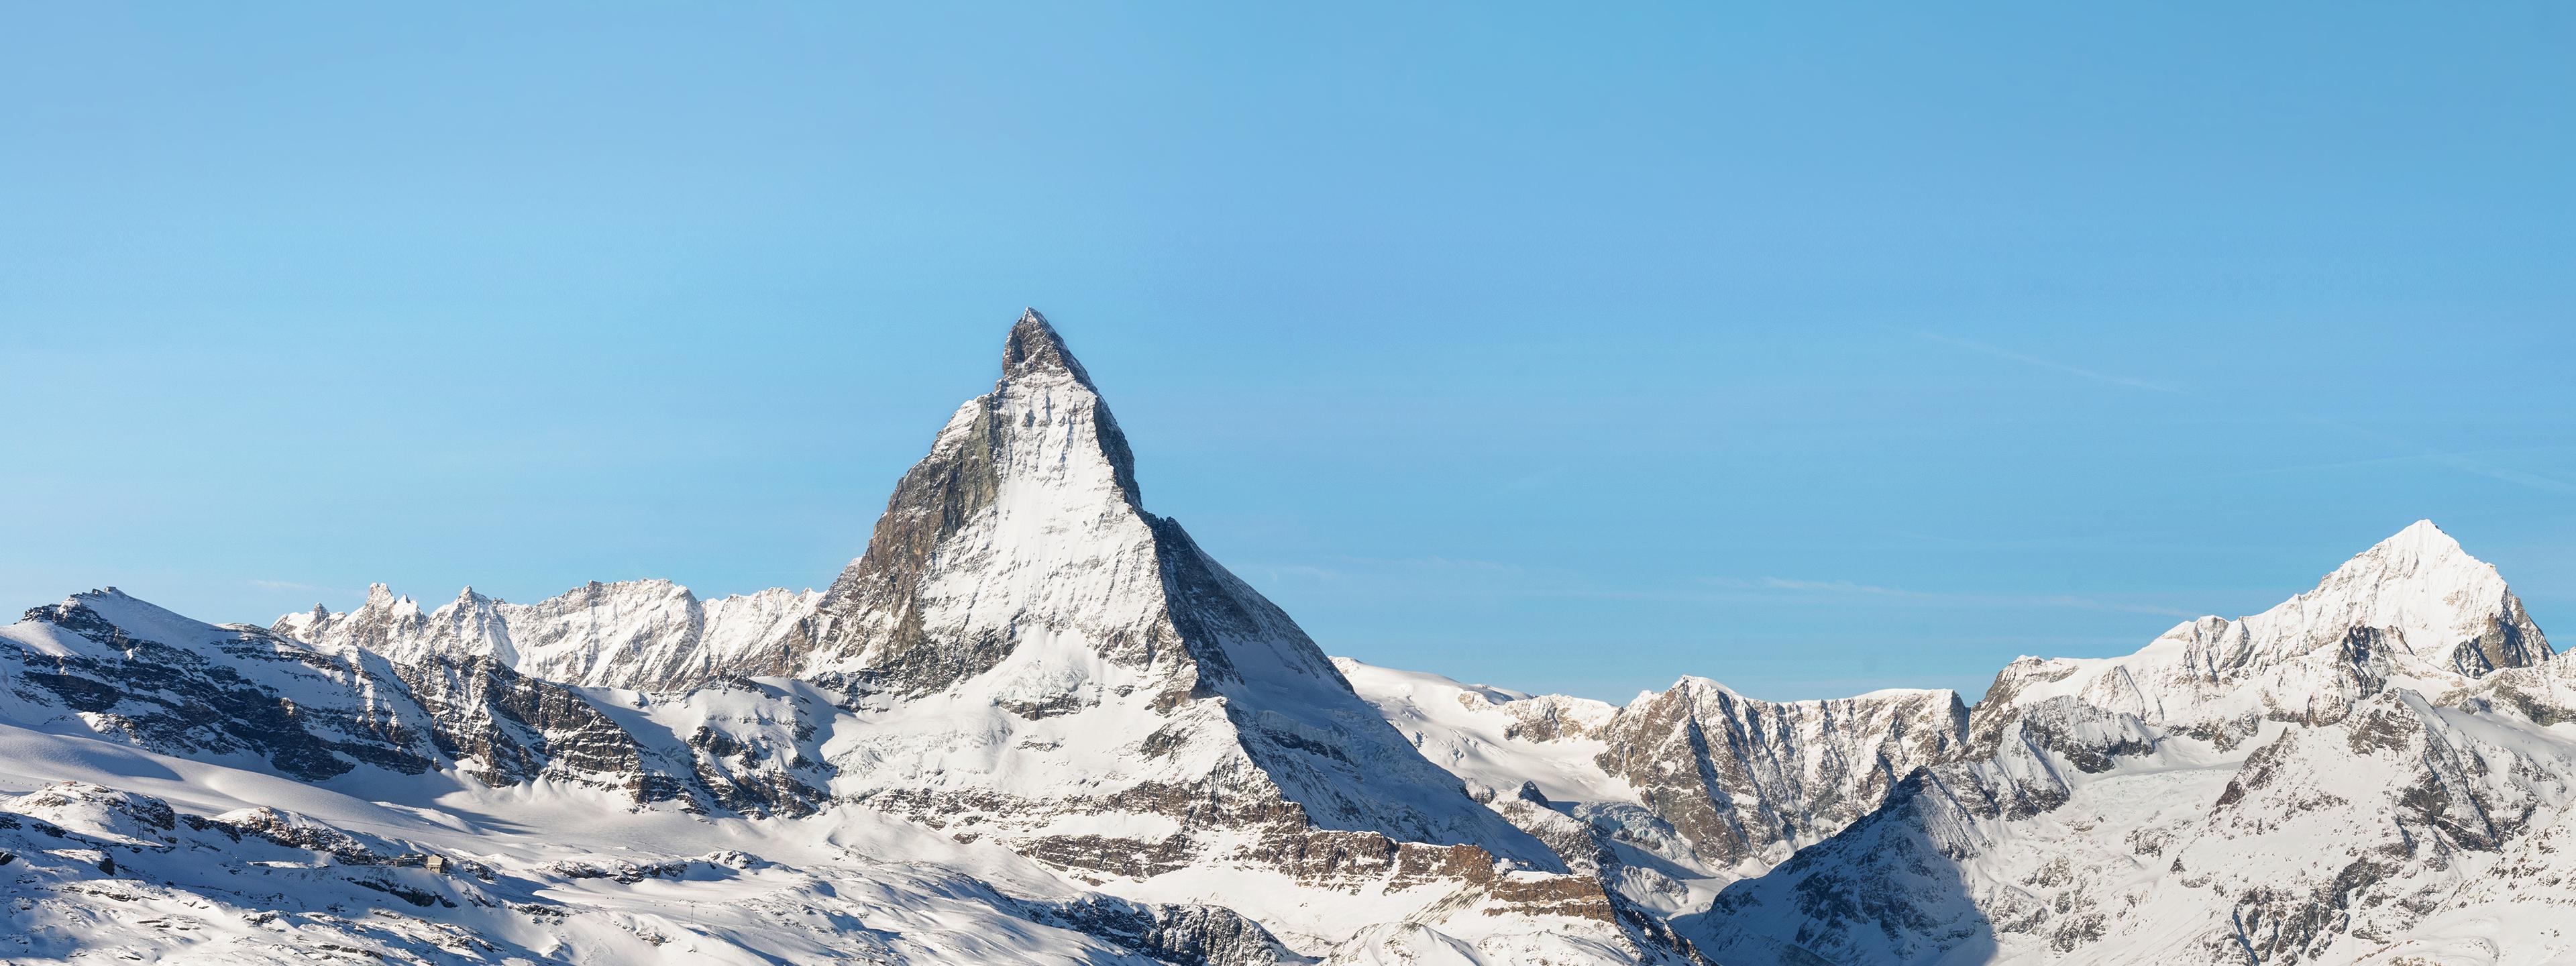 BRITA Vision schneebedeckte Bergspitze